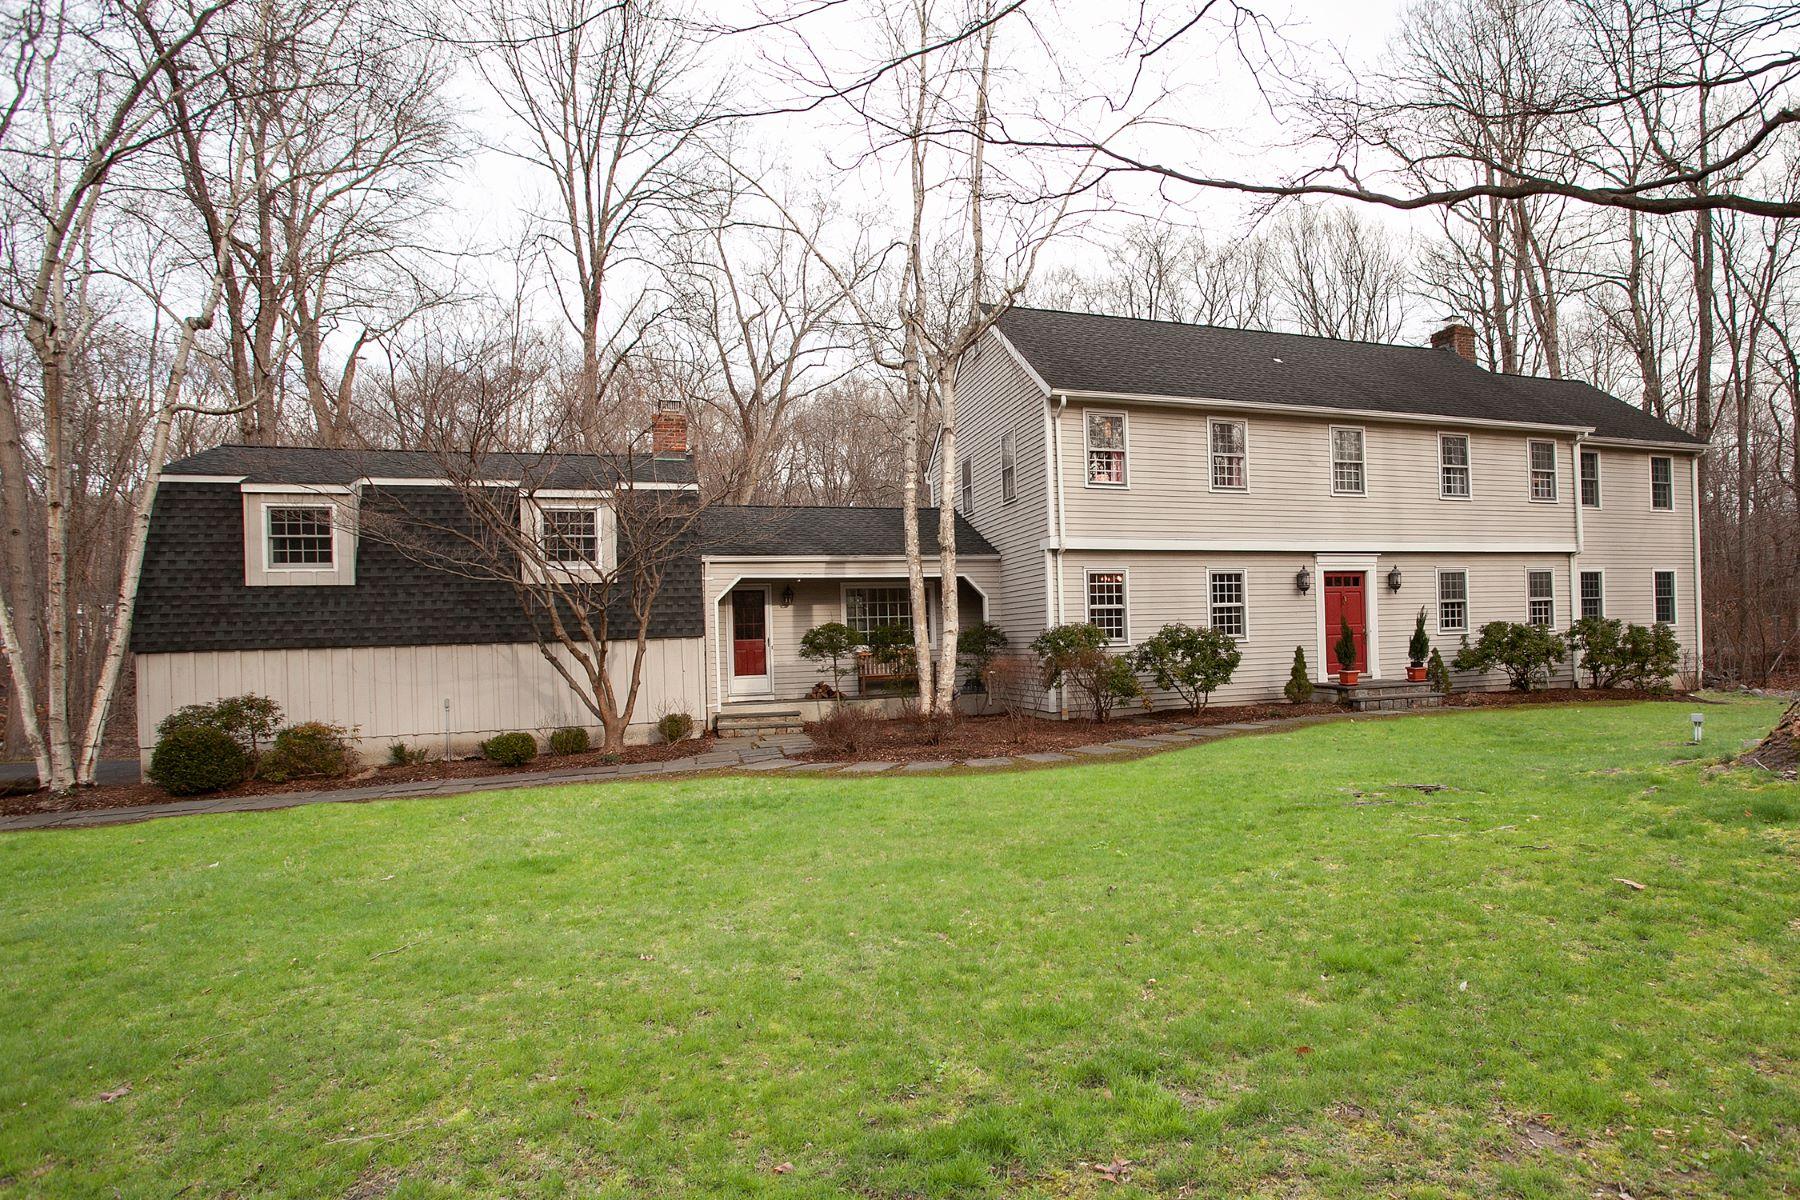 Частный односемейный дом для того Продажа на Pristine Center Hall Colonial 3 Narrow Brook Road Weston, Коннектикут 06883 Соединенные Штаты